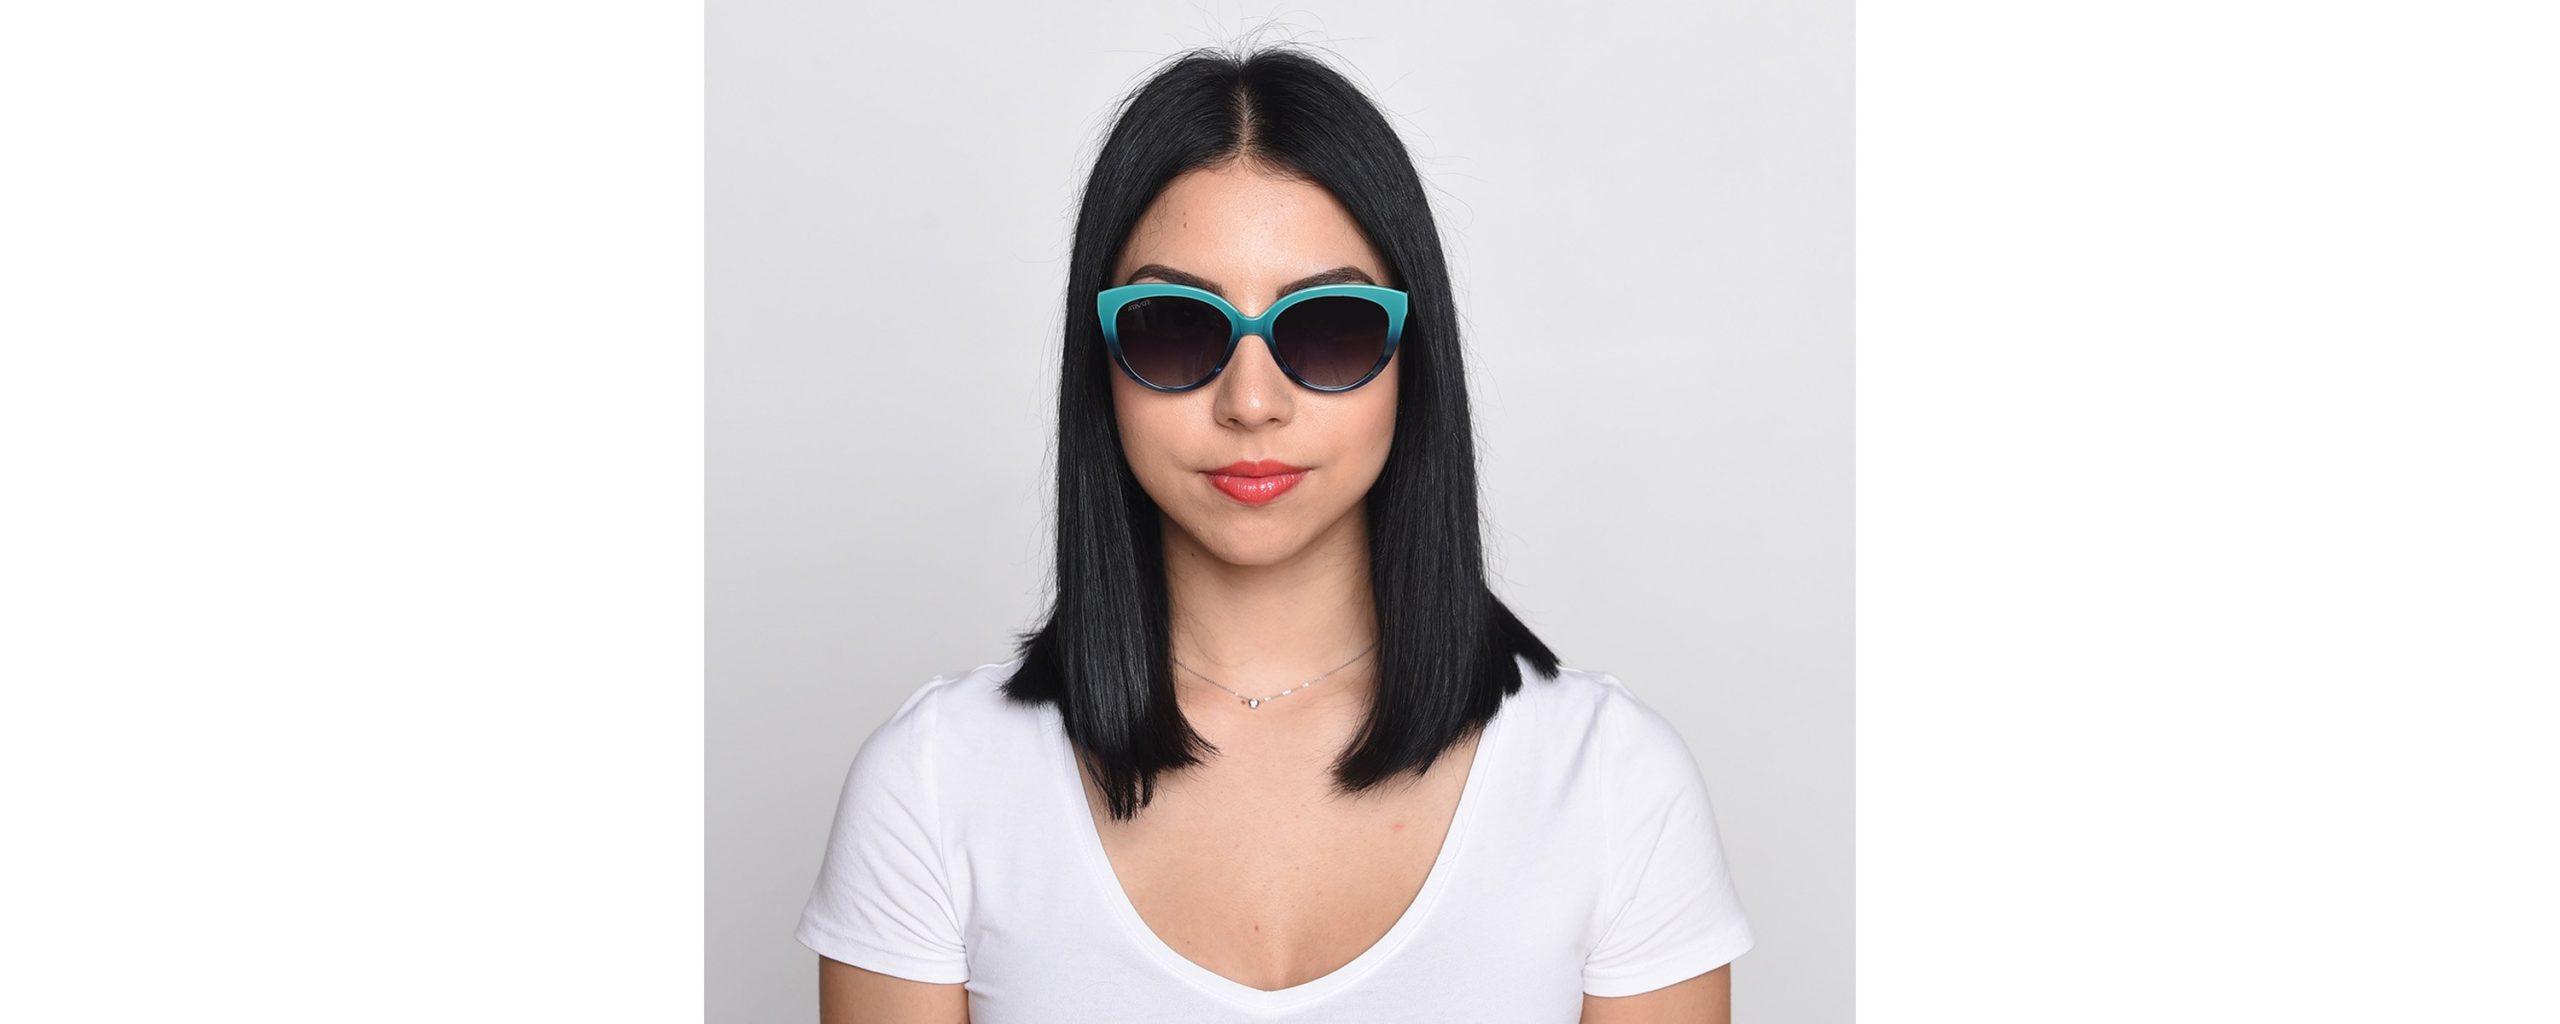 Magdalene Sunglasses - Model